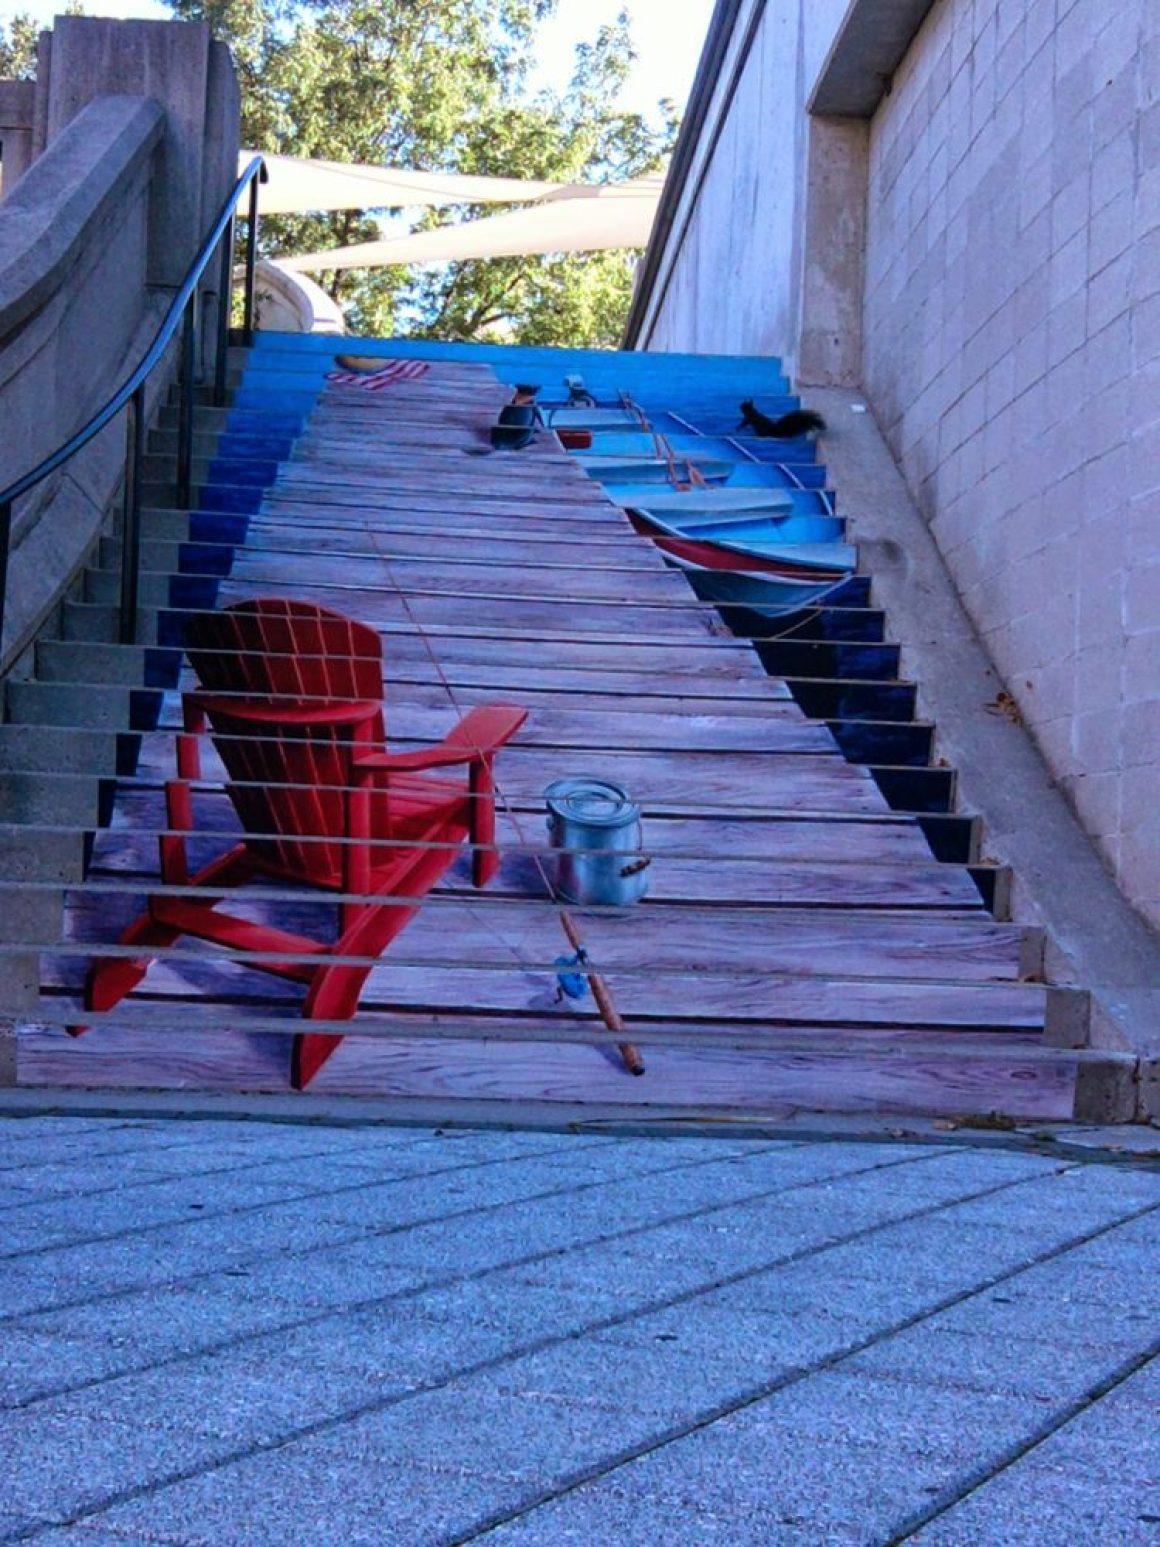 nghệ thuật đường phố cầu thang tuyệt vời trên khắp thế giới, Ottawa - Canada-3